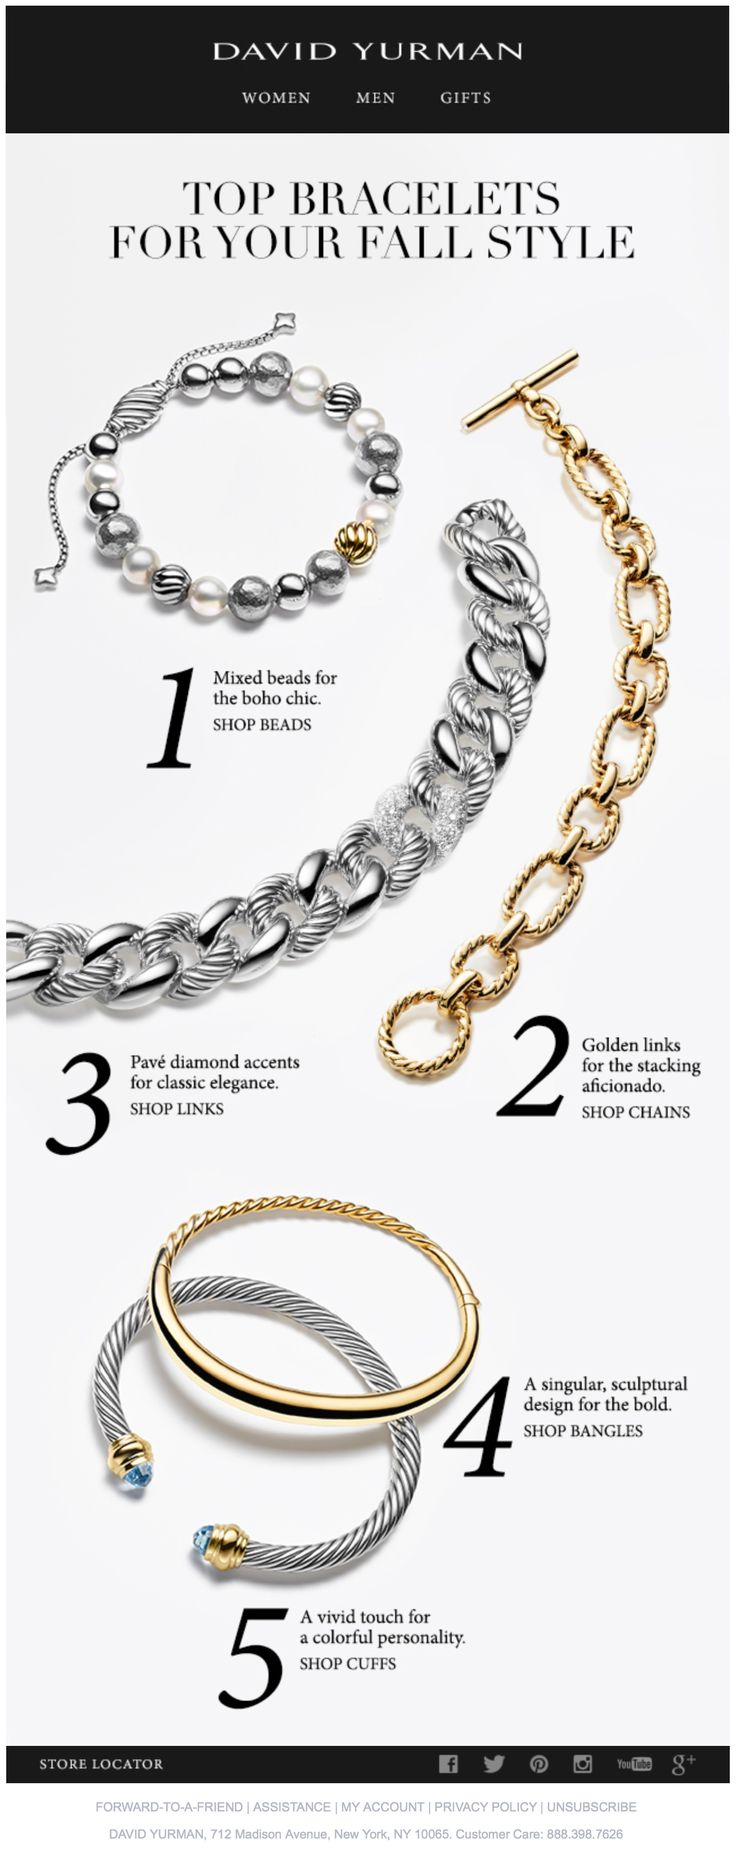 DAVID YURMAN Bracelets for Every Style